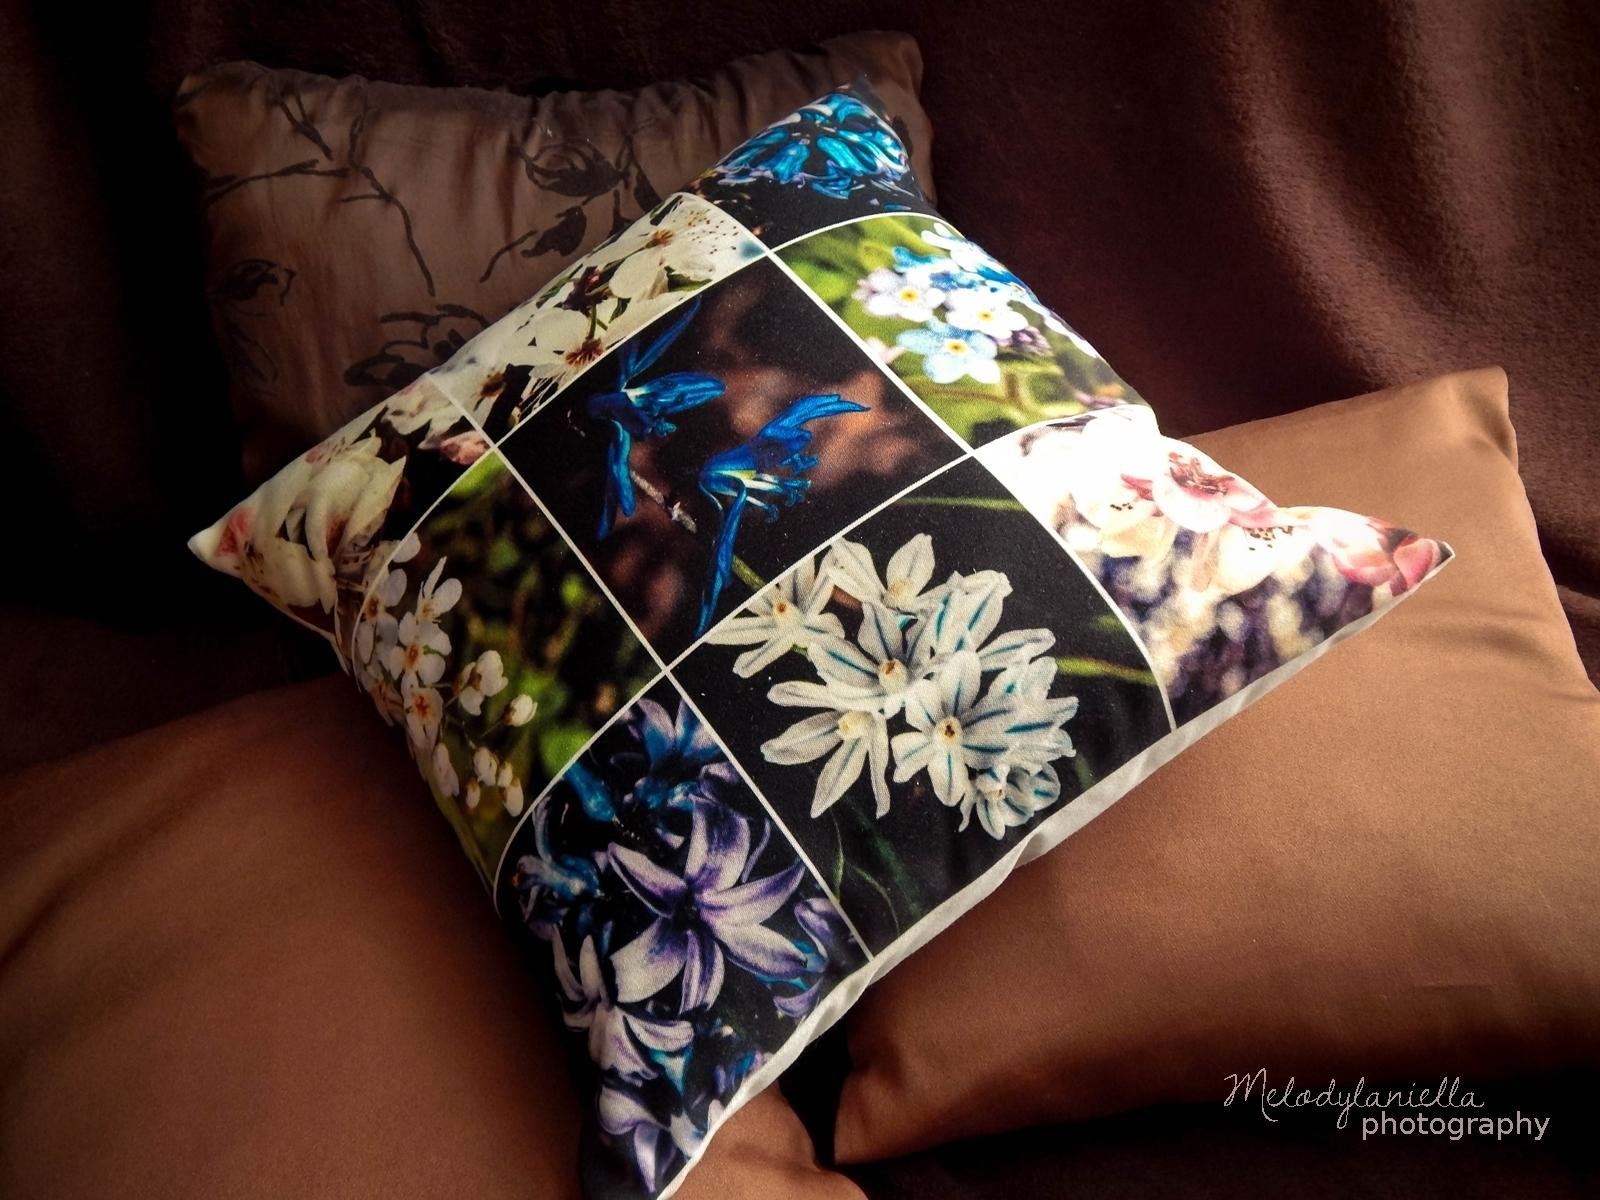 projektogram poduszka z własnym zdjęciem zaprojektuj swoją poduszkę zdjęcia instagram fotografia prezenty dla fotografów zakochani w zdjeciach wspomnienia z wakacji na poduszcze pillow photos aplikacja